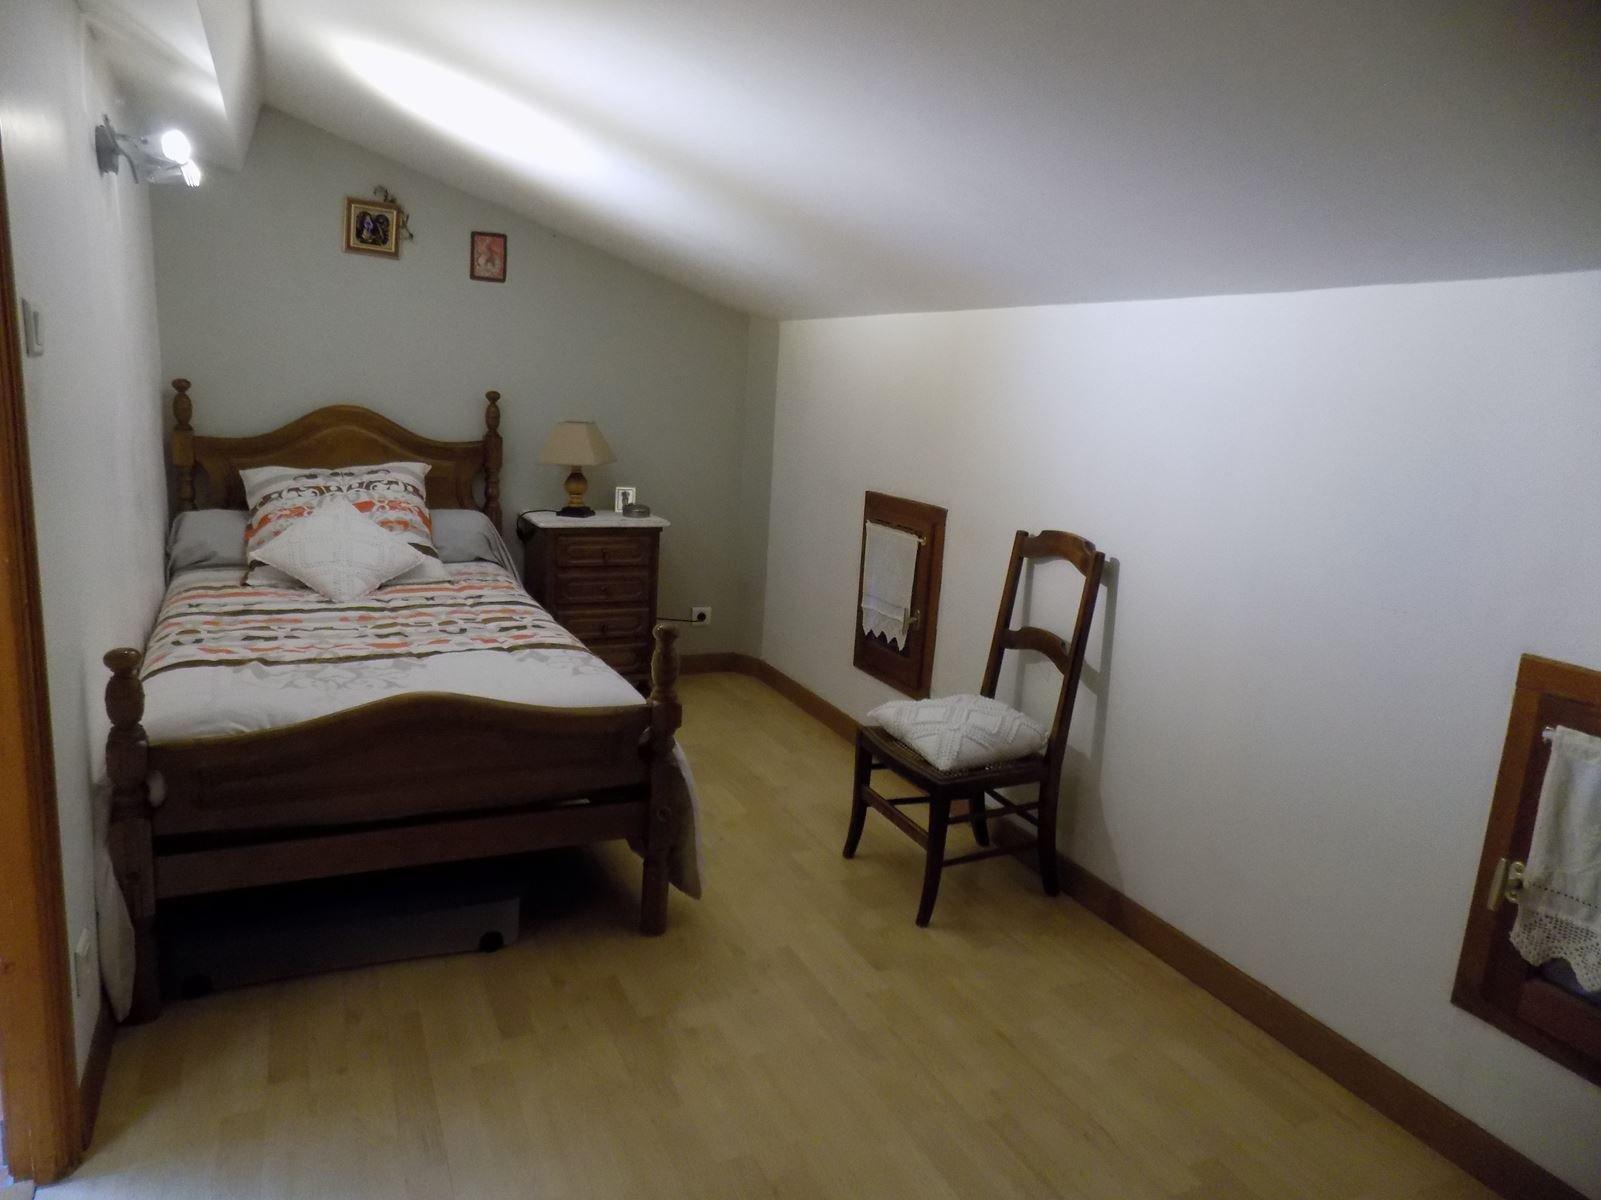 Maison T5 de type toulousaine - 31180 CASTELMAUROU